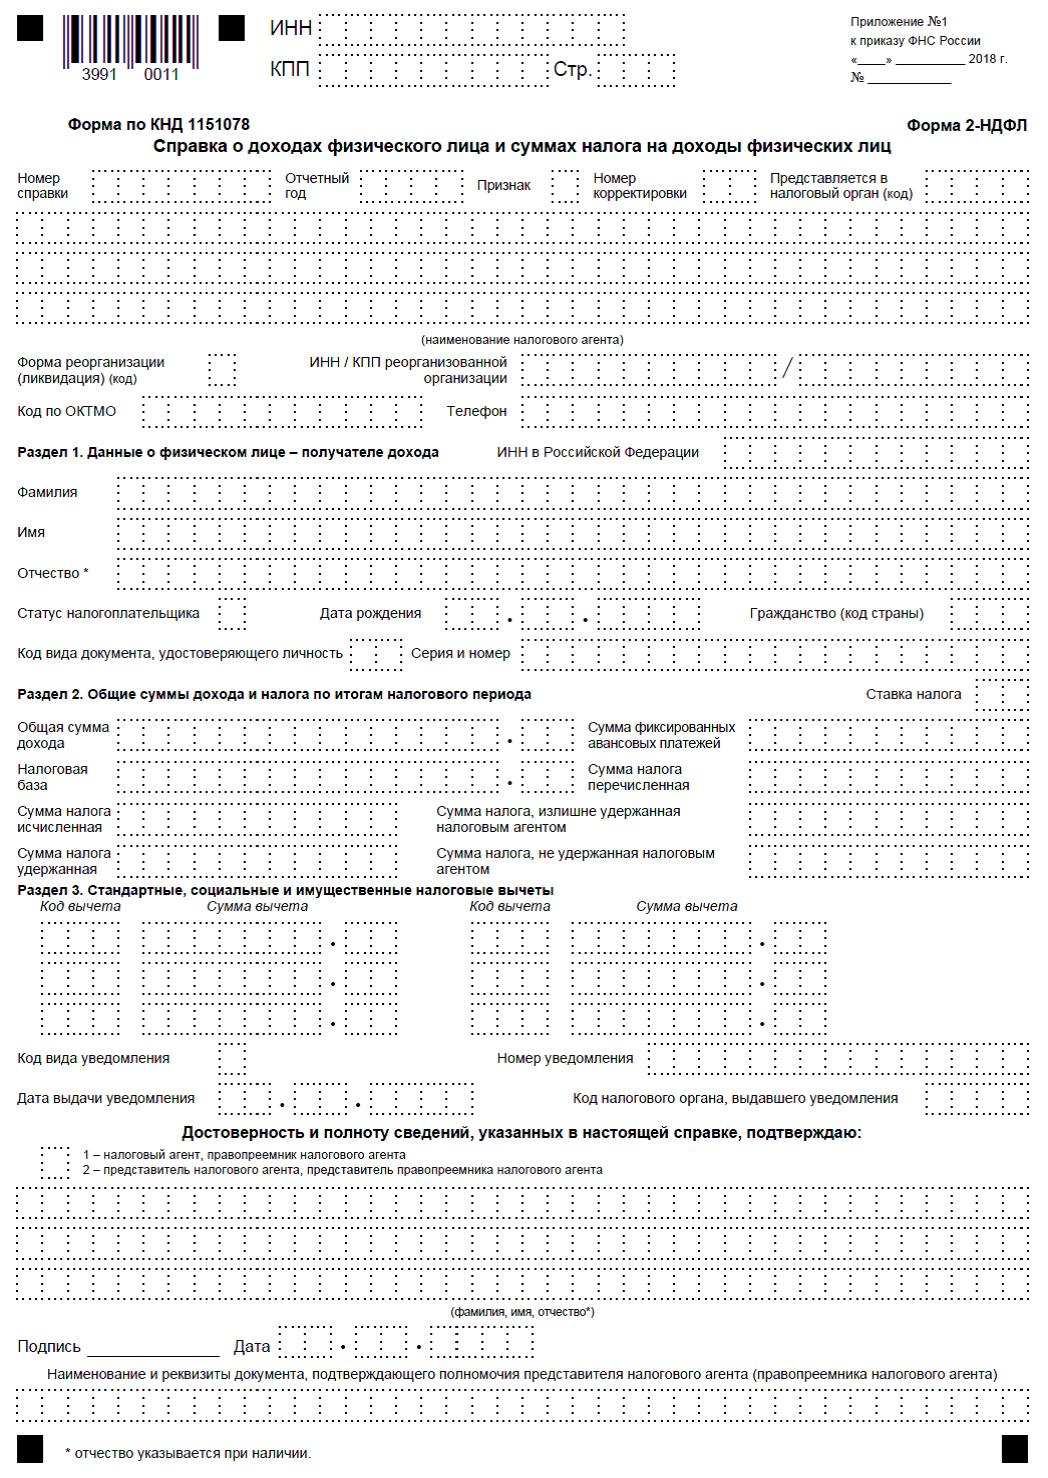 ИНН вместе с КПП позволяют определить каждое обособленное подразделение.